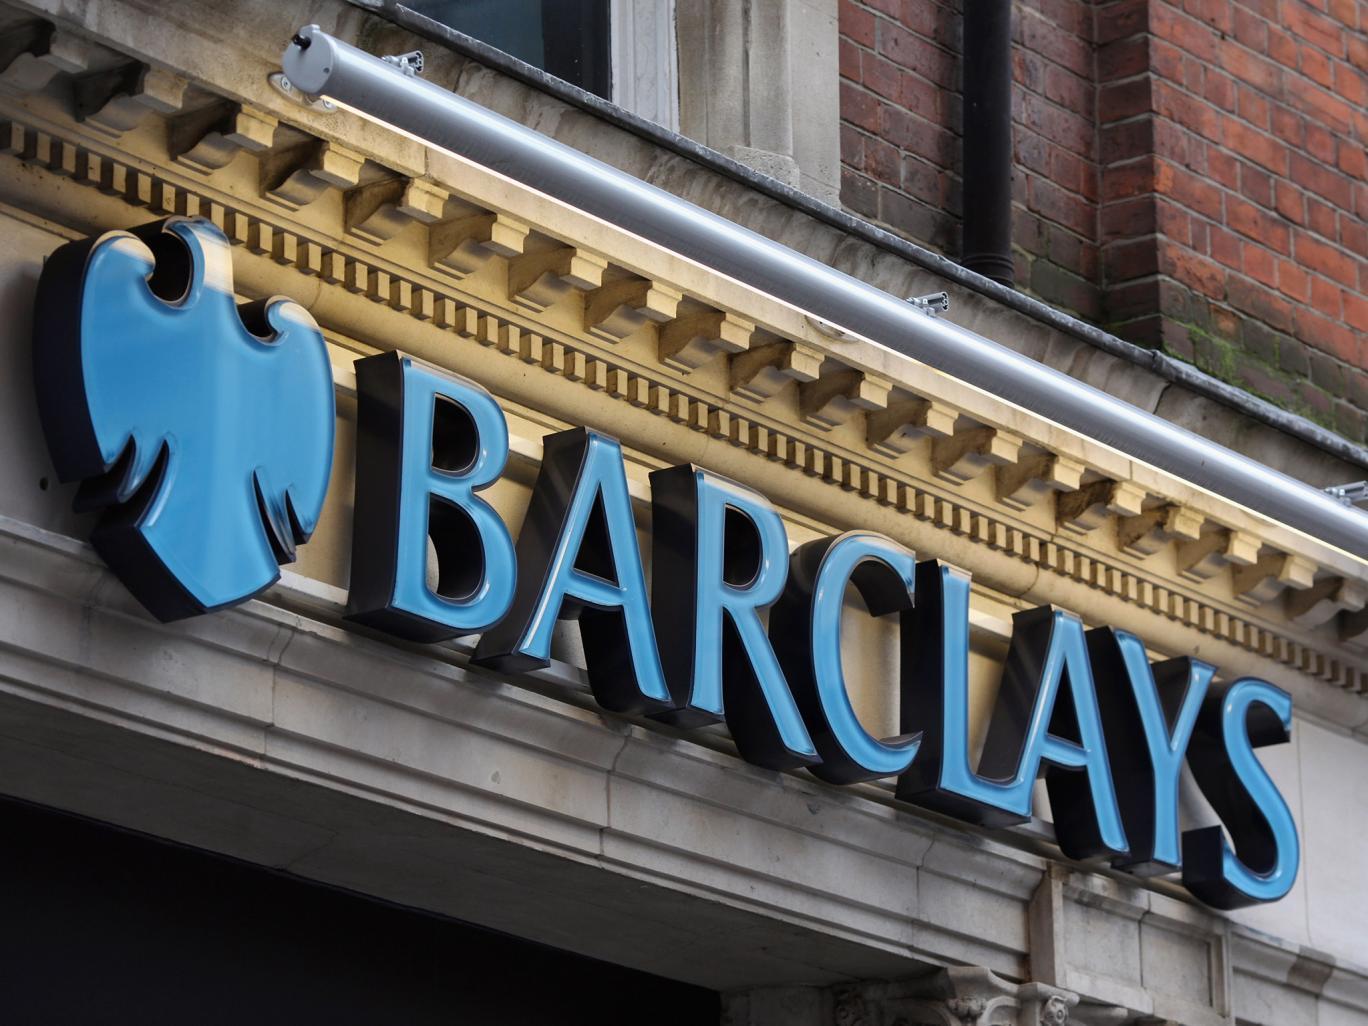 Reino Unido acusa a Barclays de fraude y financiación ilegal